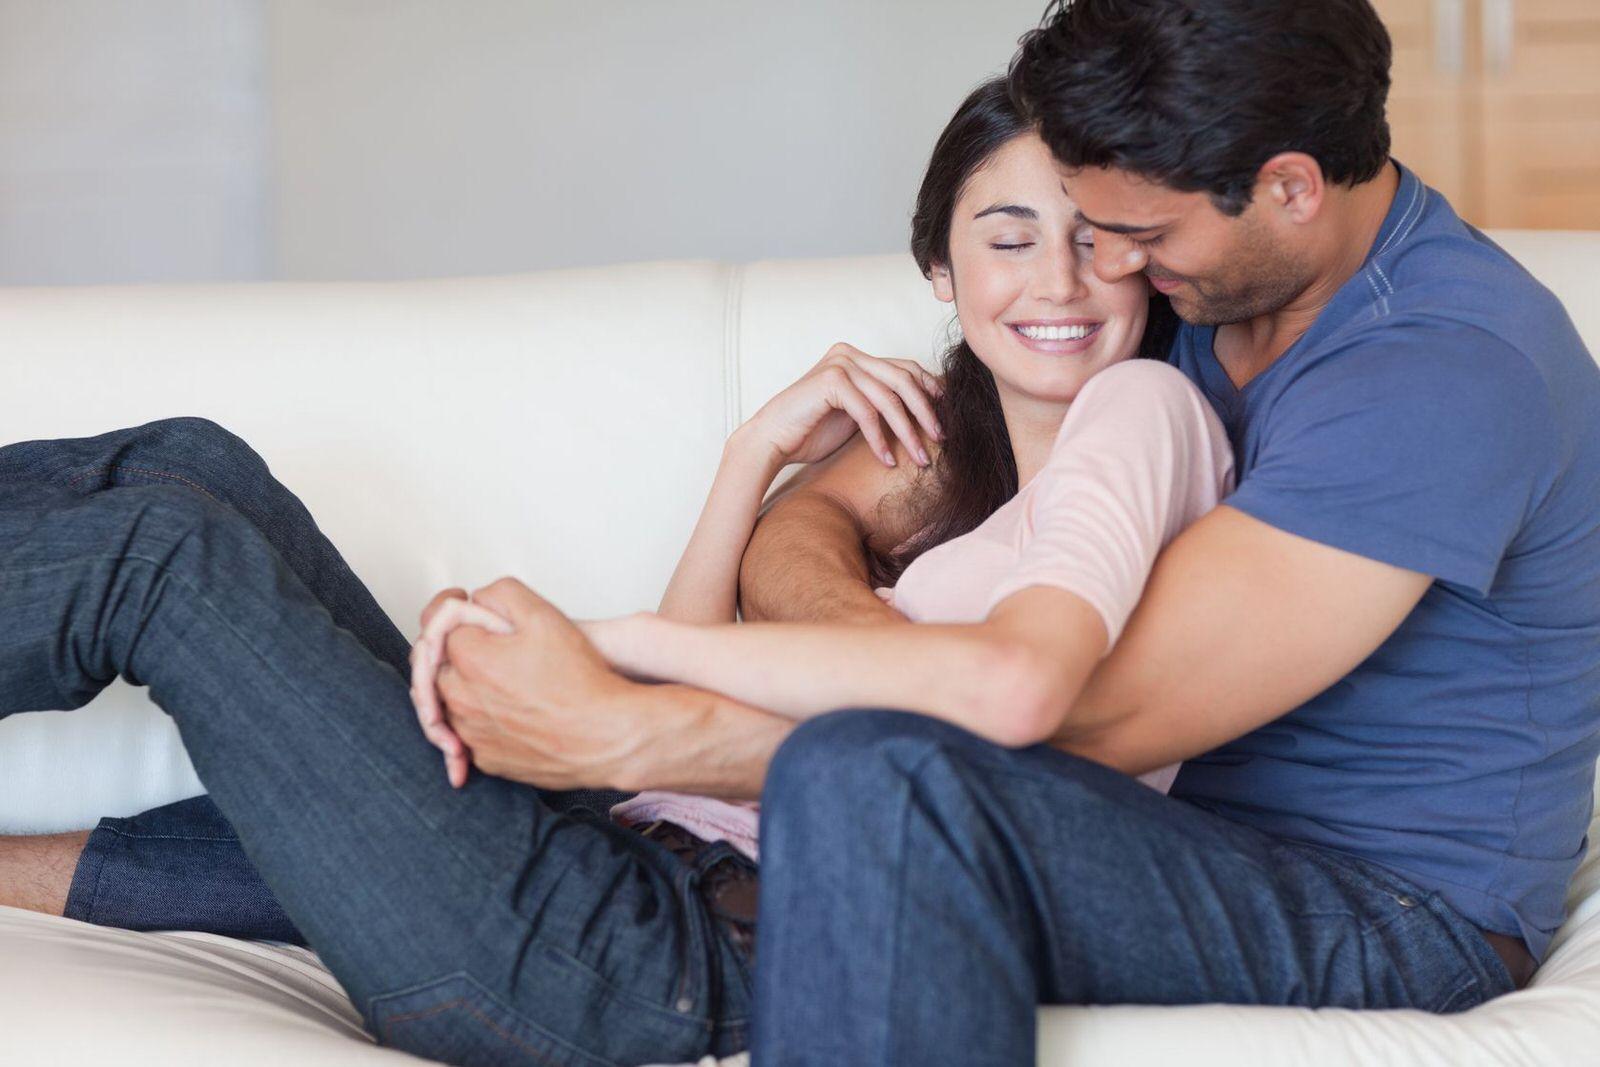 Mal di testa? Sex therapy meglio dell'aspirina. Da Uomo a Uomo